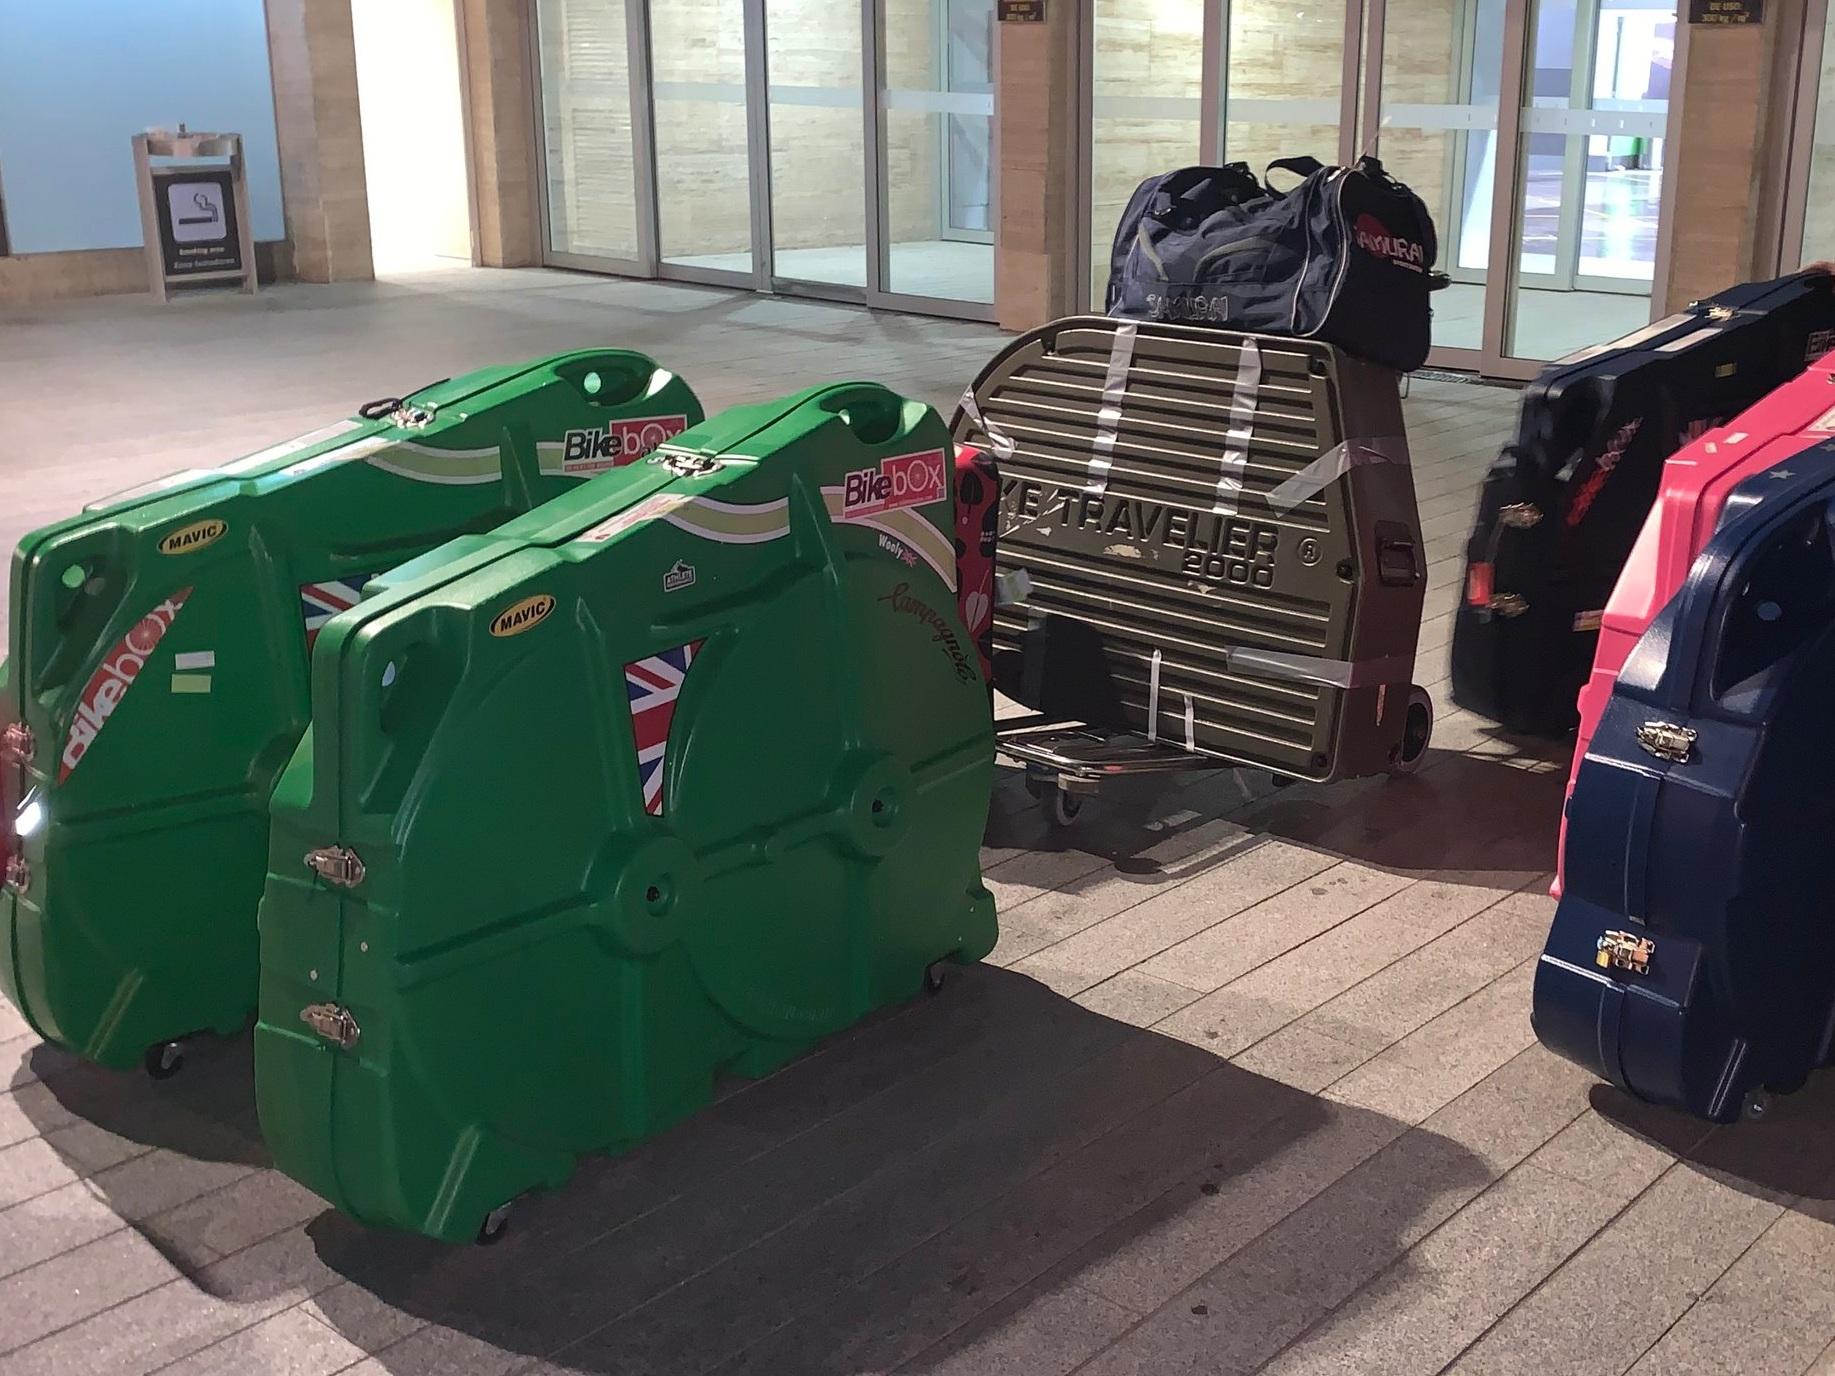 Radfahrer auf Reisen… Hier siehst du Fletch' Ausrüstung am Flughafen